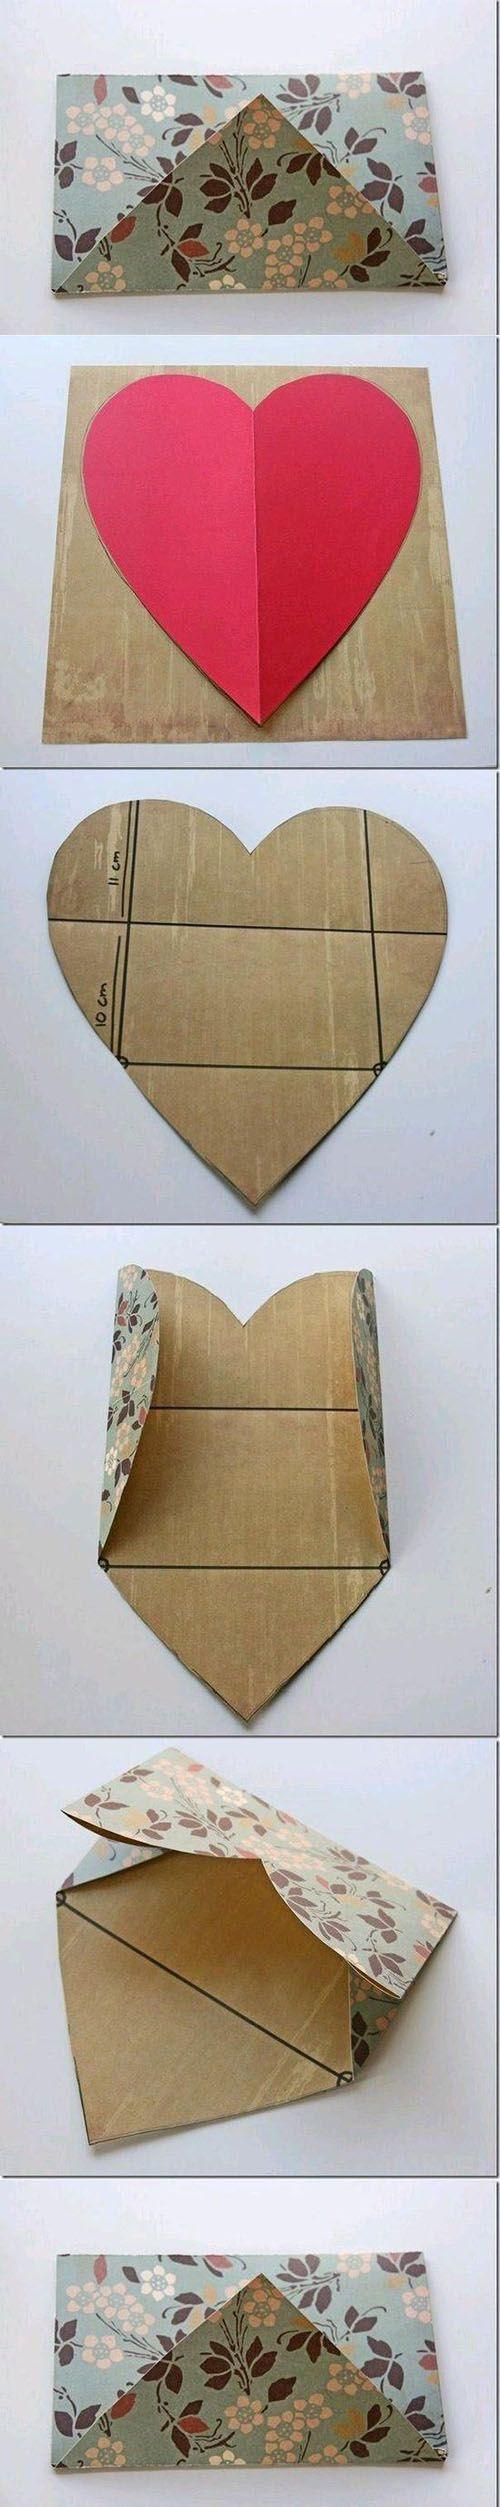 herzliches Kuvert für die Glückwunschkarte | DIY & Crafts Tutorials